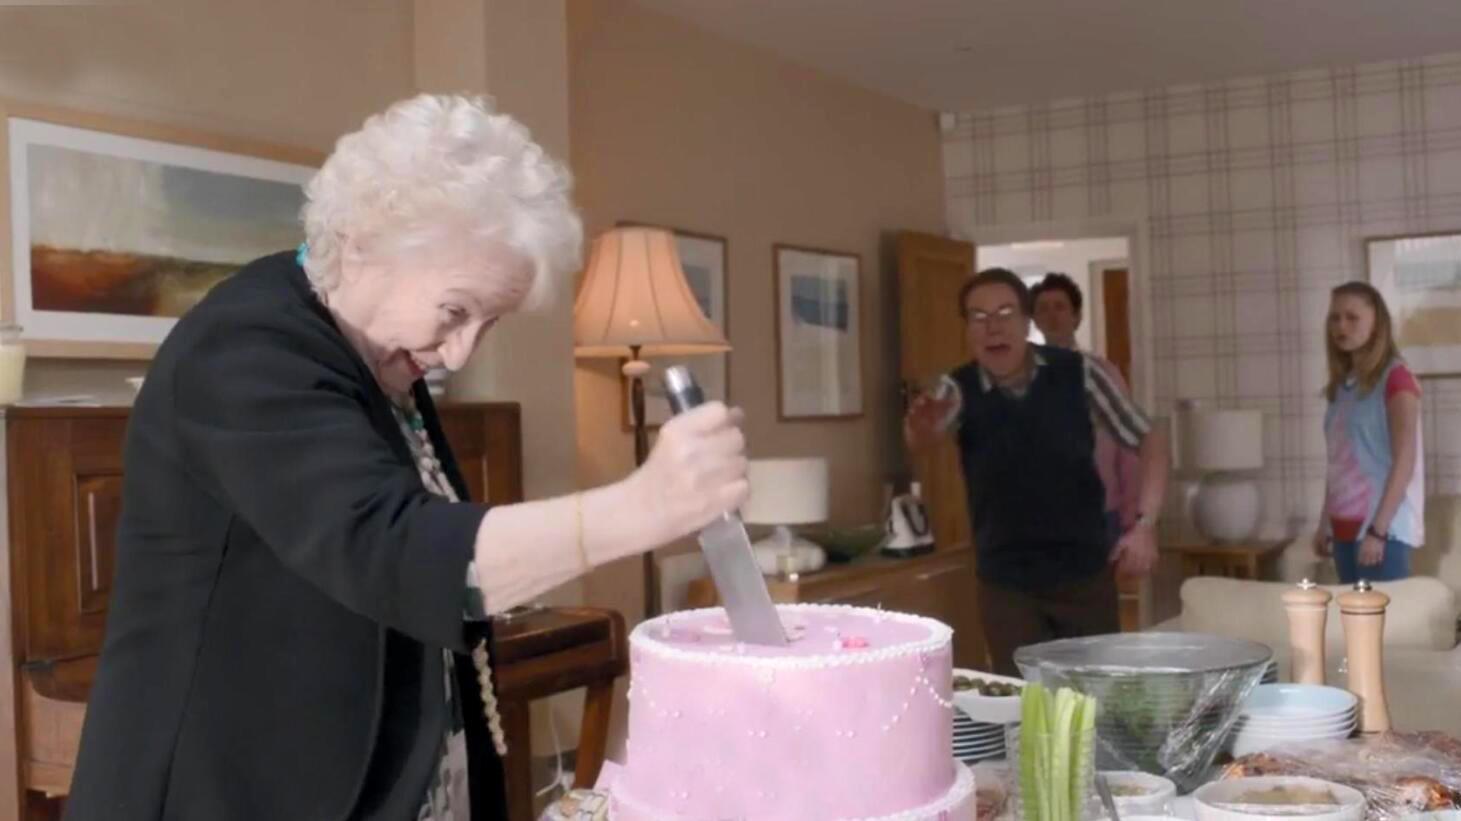 #电影最前线#一部搞笑无厘头电影,女儿偷偷躲在蛋糕下,不料母亲一刀切了下去